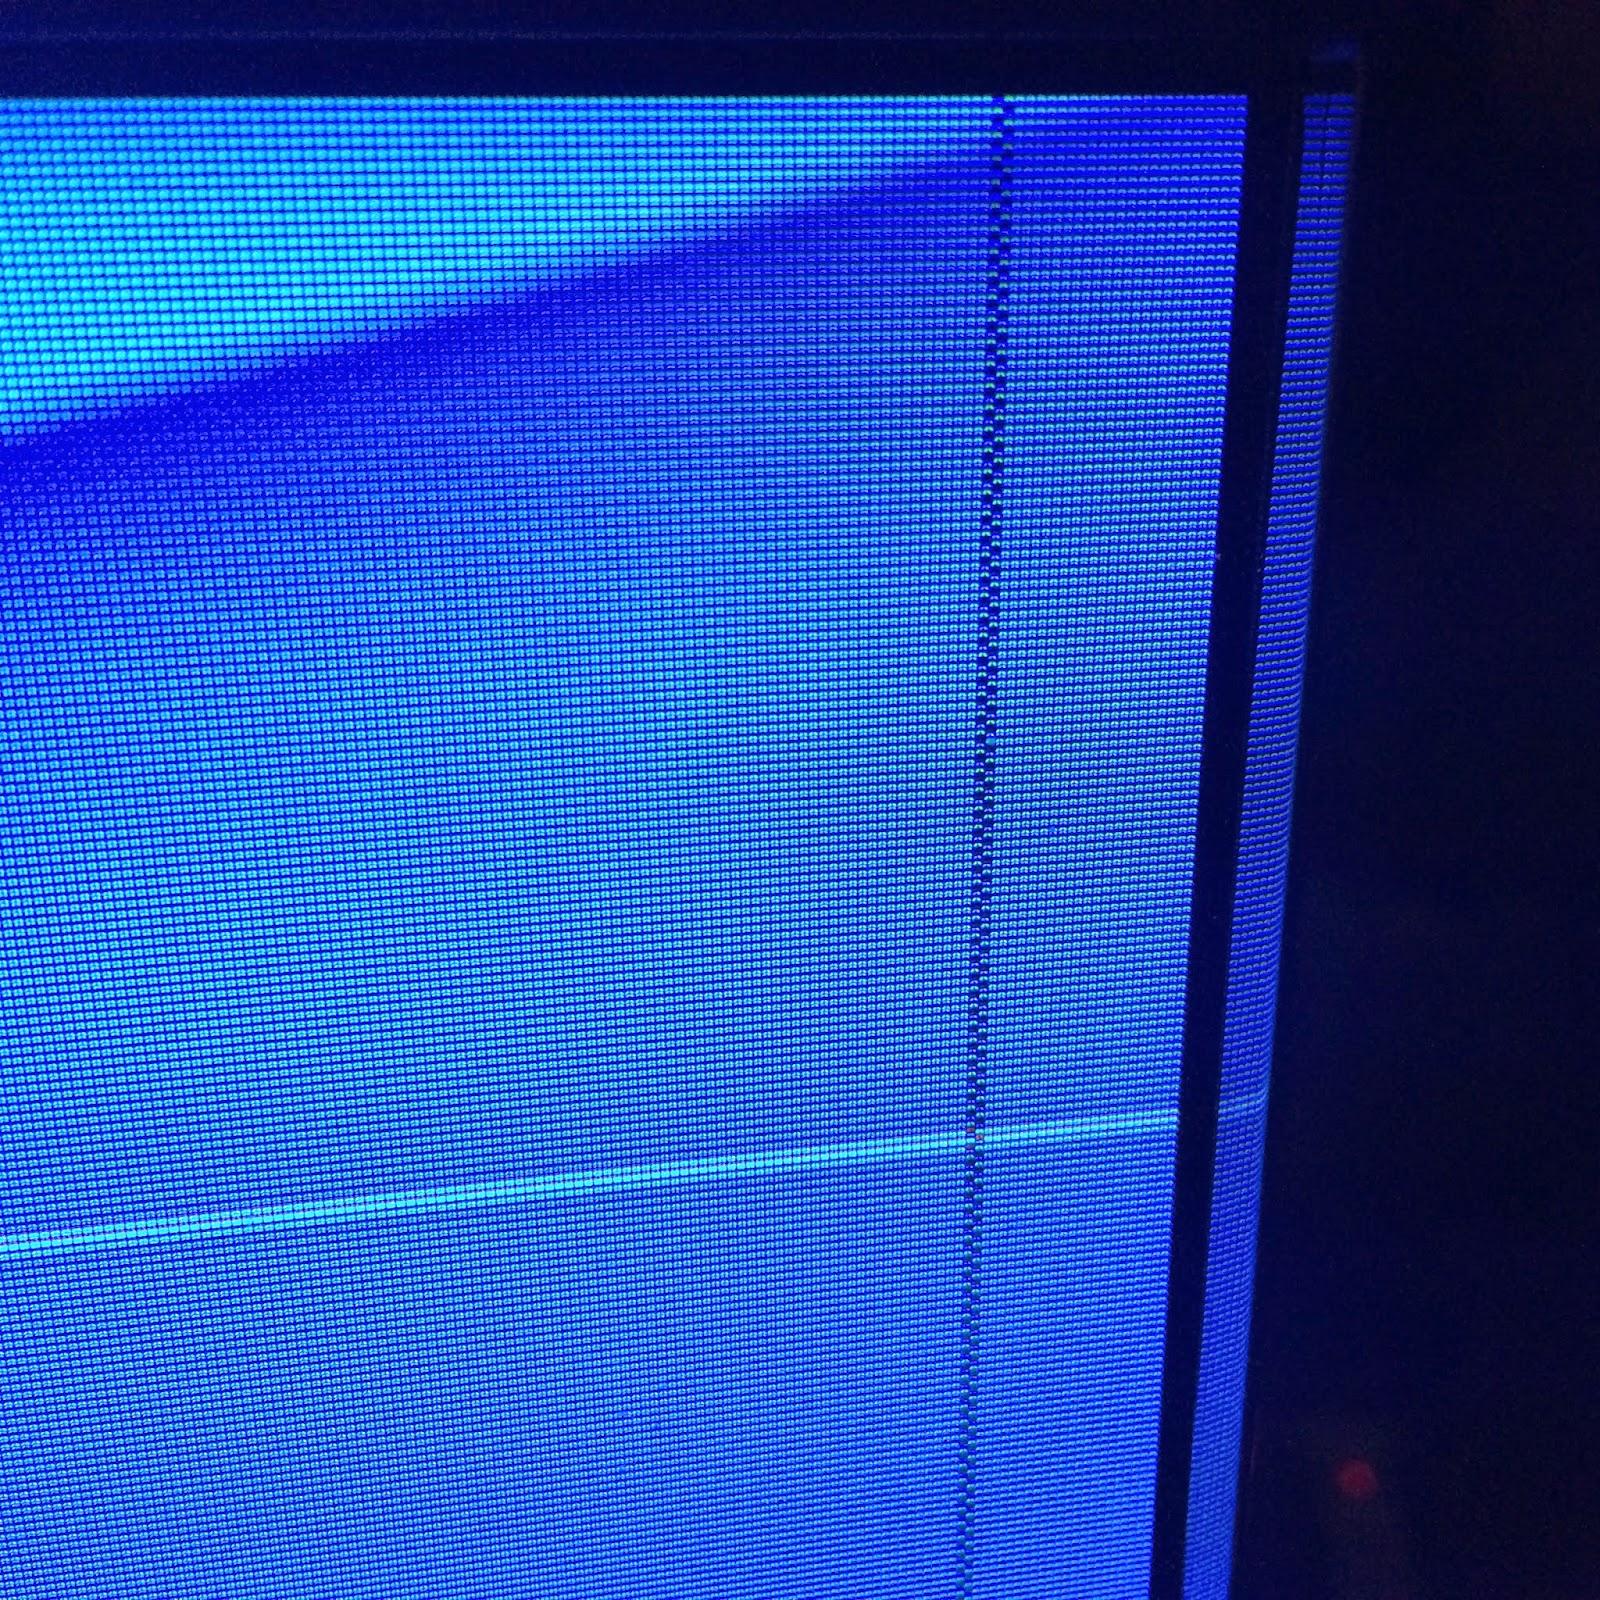 pikseleitä pimeänä Sony Braviassa